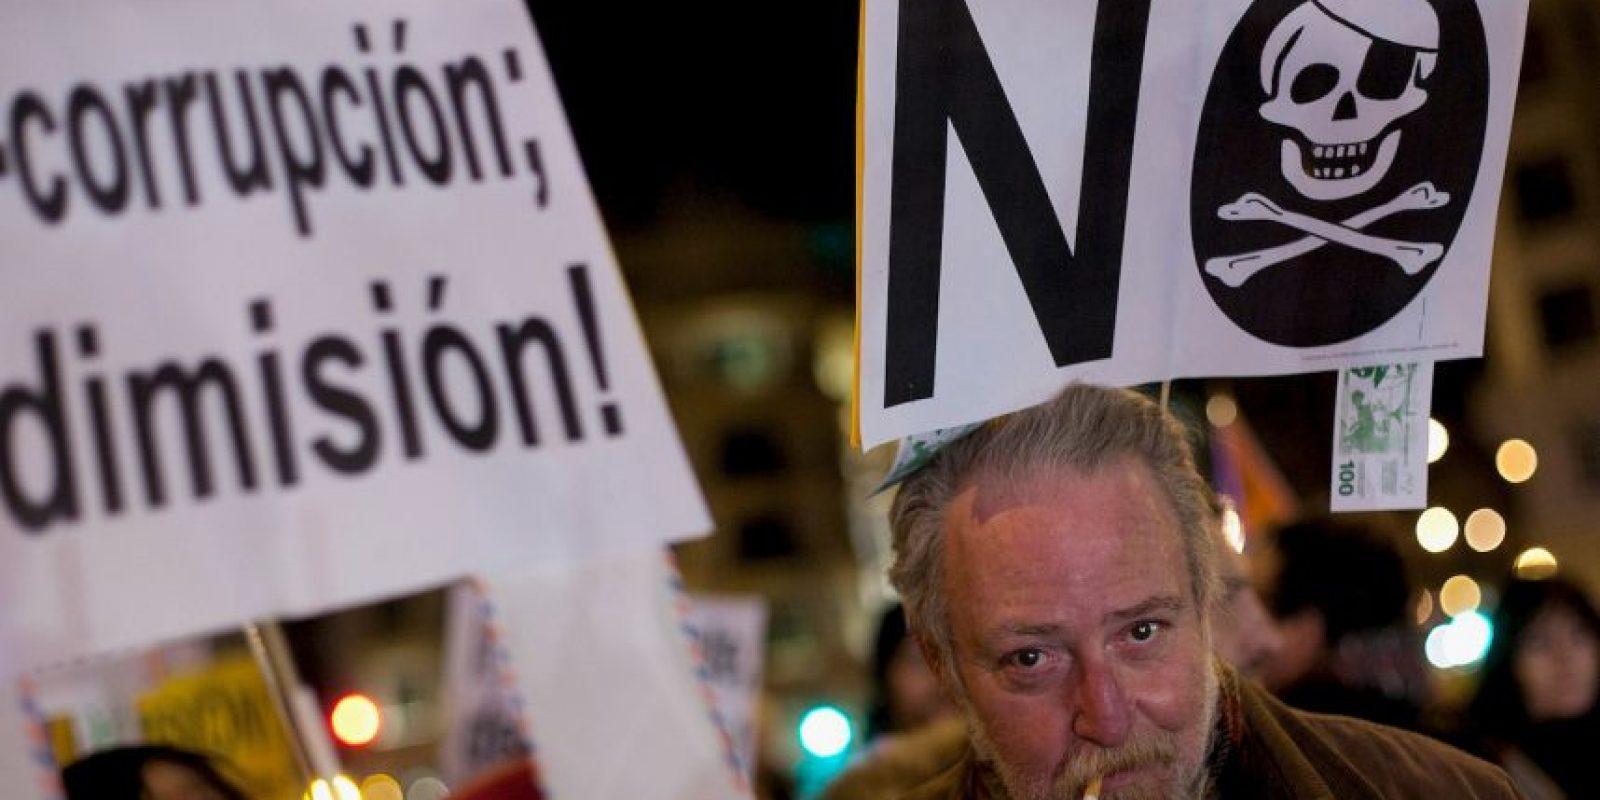 7. En 2003 se realizó la firma de la Convención de las Naciones Unidas contra la Corrupción en Mérida, México. Foto:Getty Images